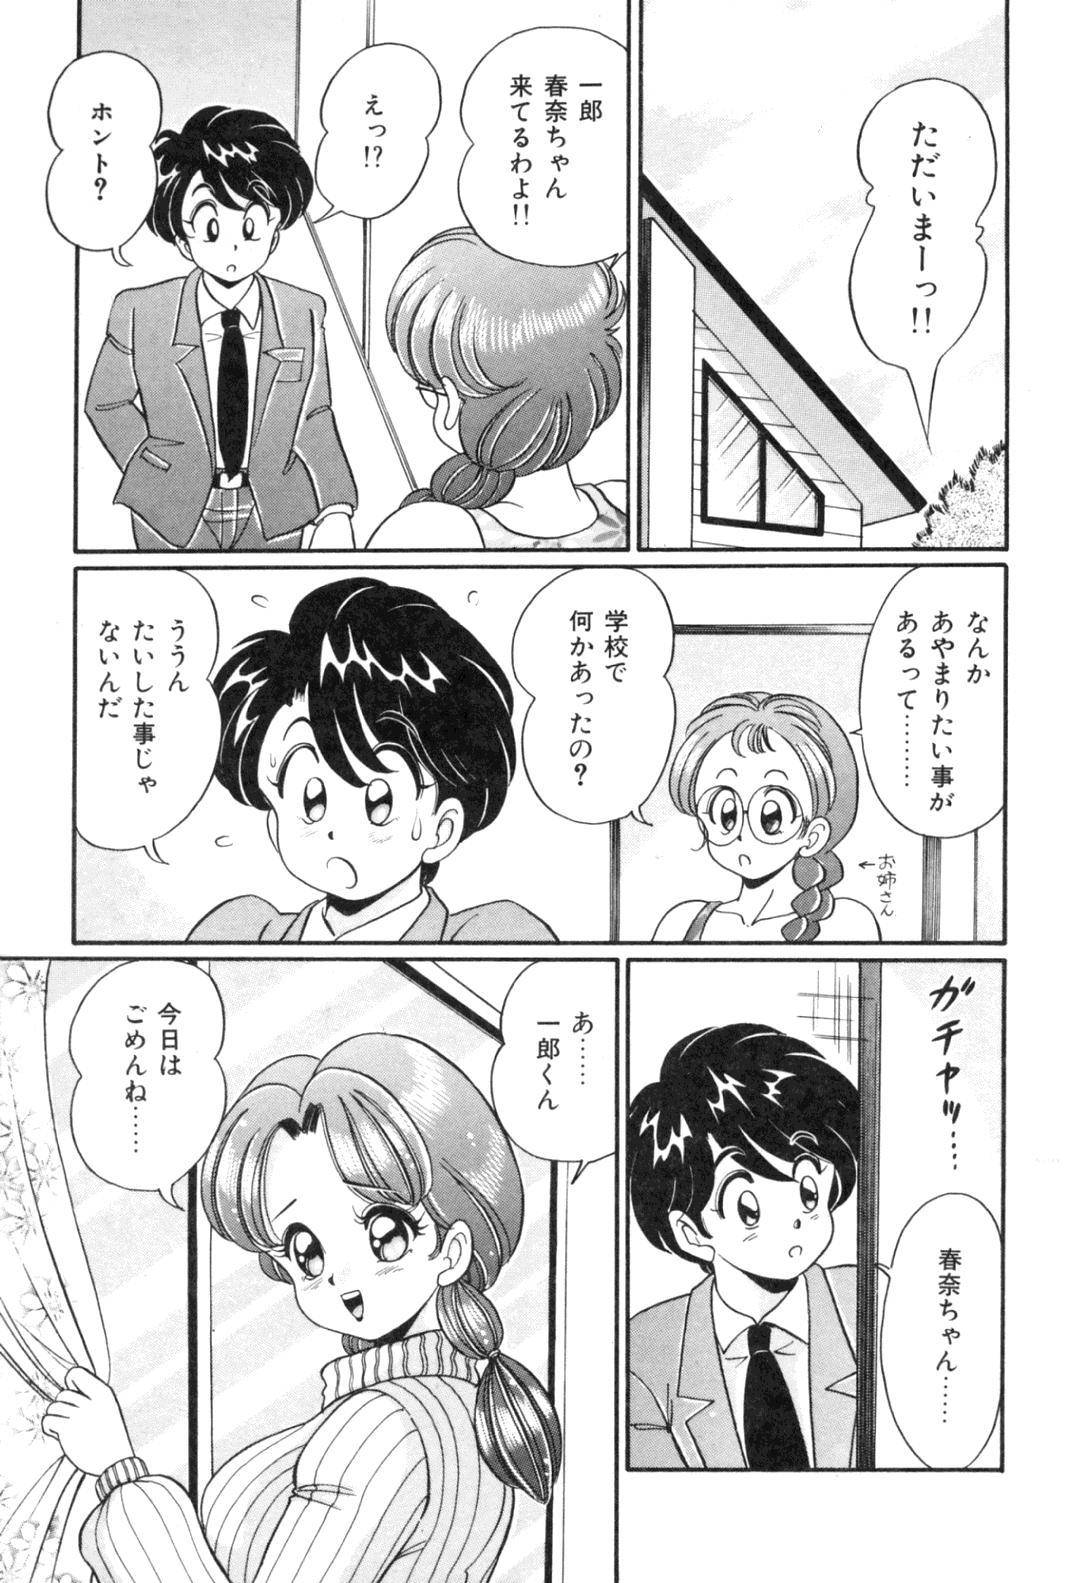 [Watanabe Wataru] Tonari no Onee-san - Sister of Neighborhood 141